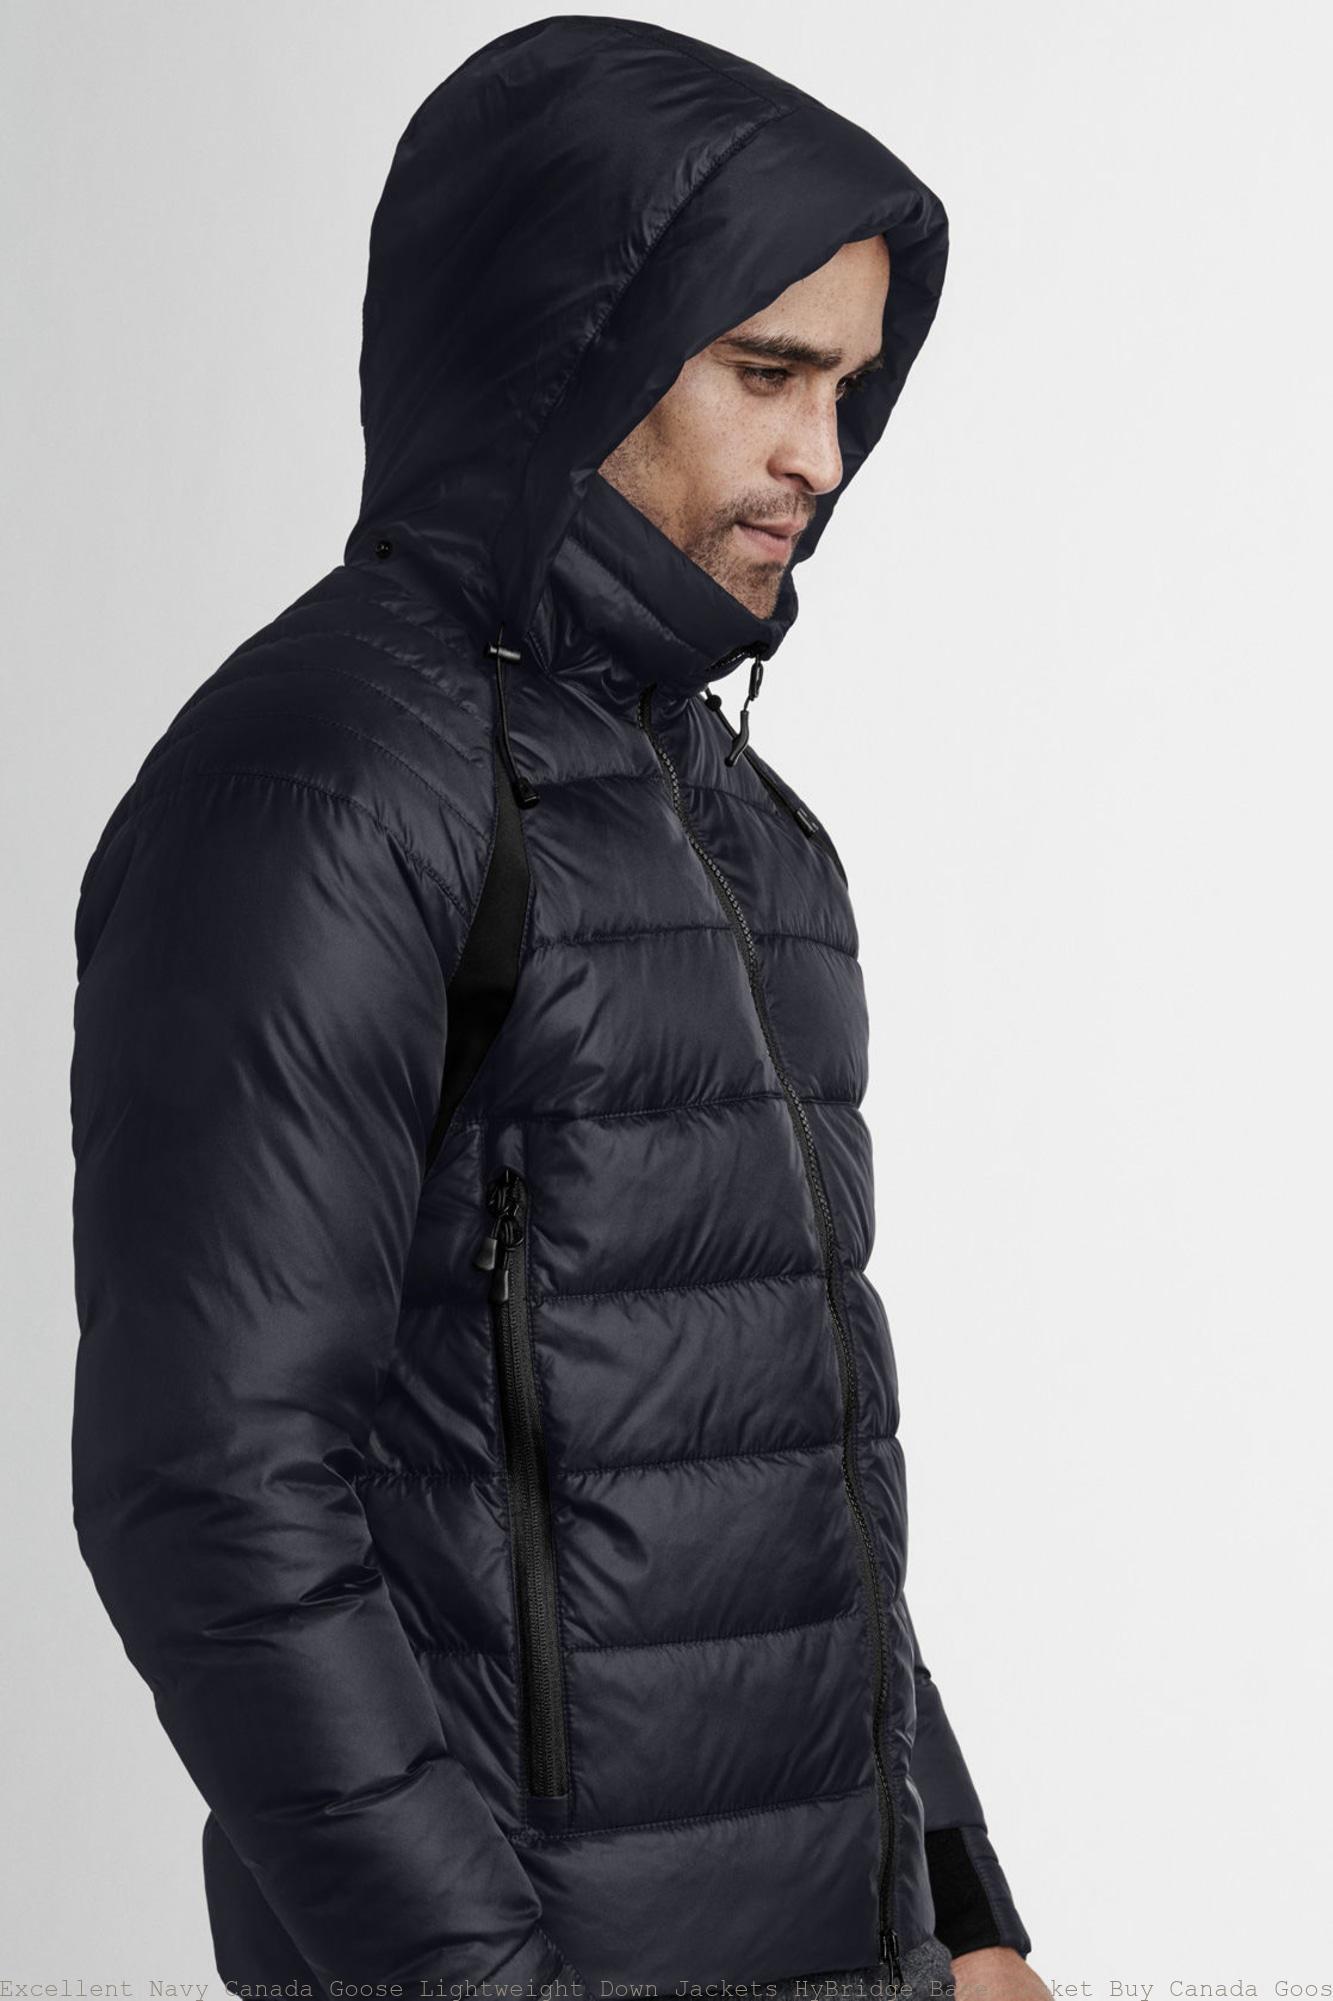 canada goose jacket buy